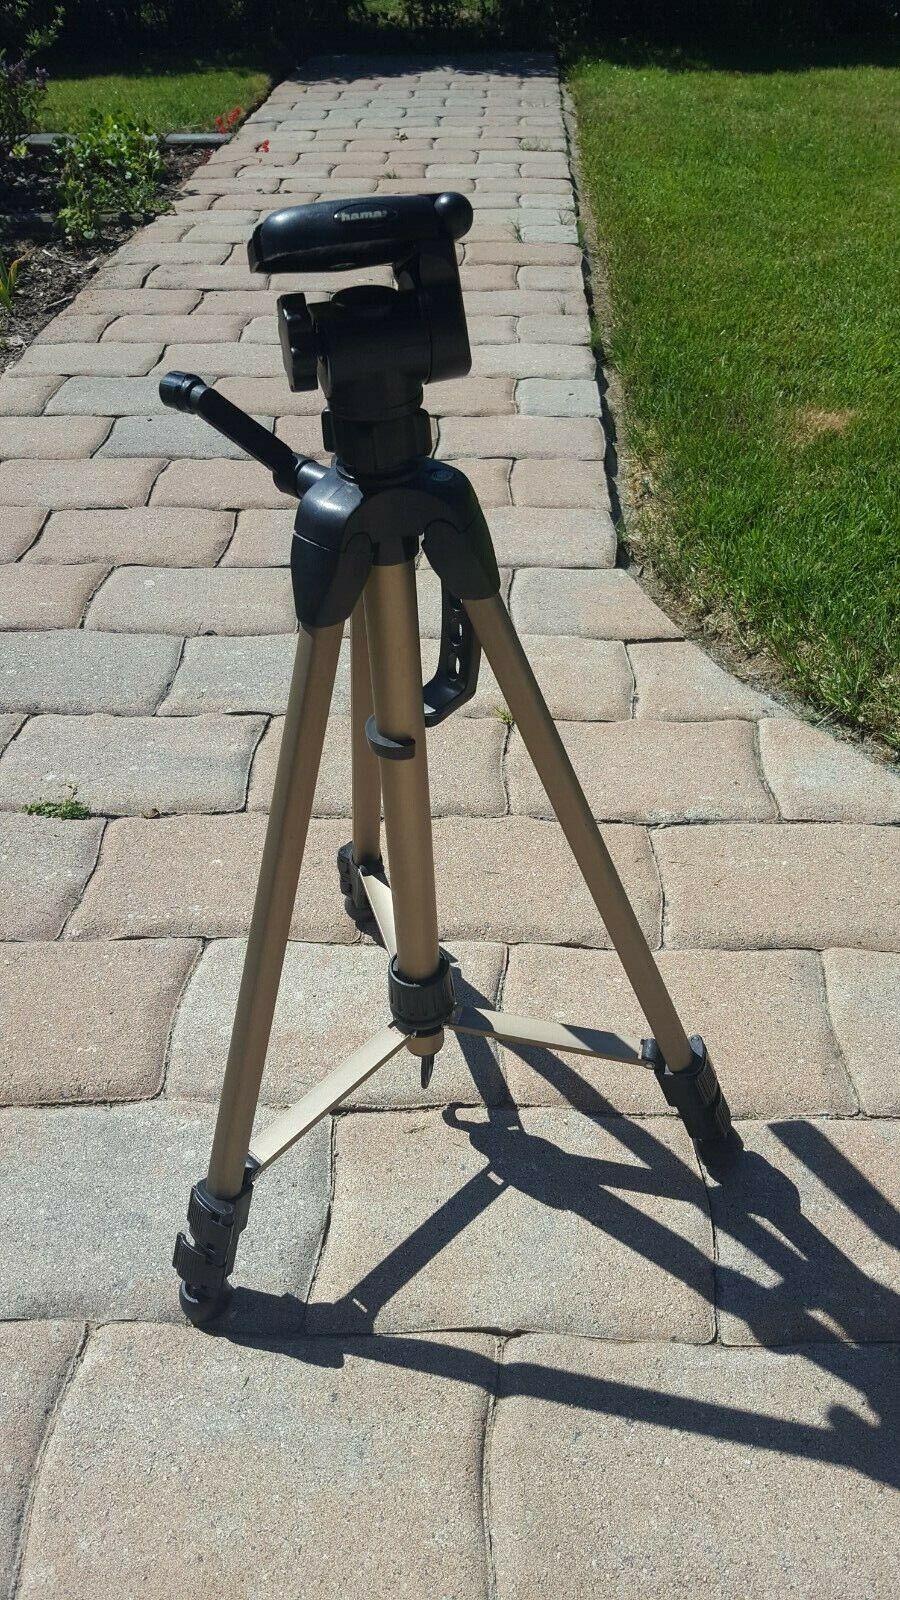 wie neu- HAMA Dreibein Fotostativ, Videokamera Halter bis 1,70 m